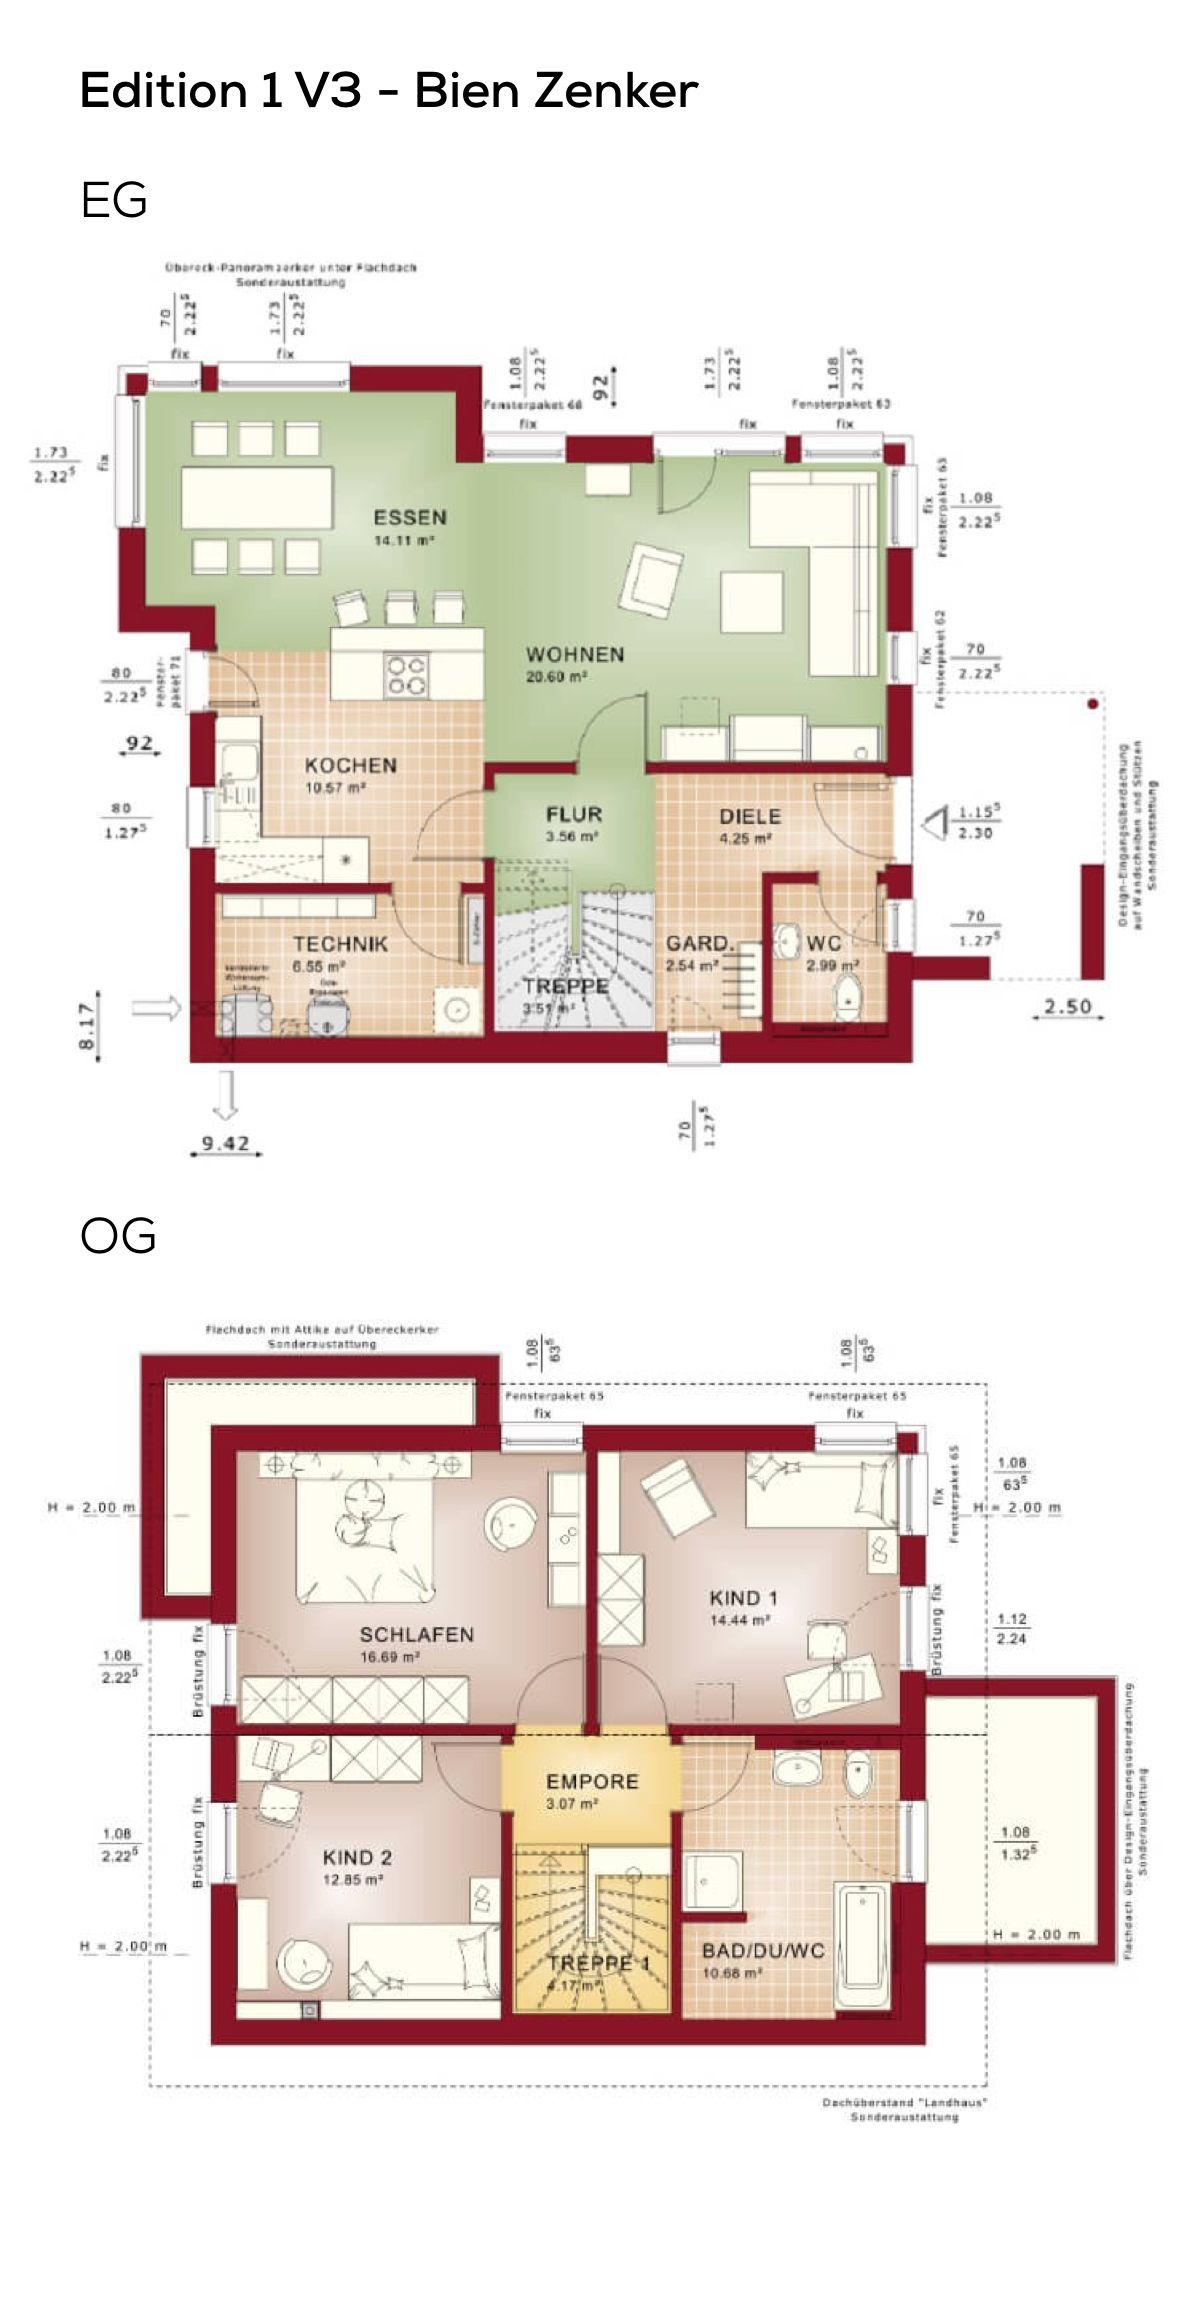 Großartig Grundriss Einfamilienhaus 150 Qm Galerie Von Modern Mit Satteldach - 4 Zimmer, 125